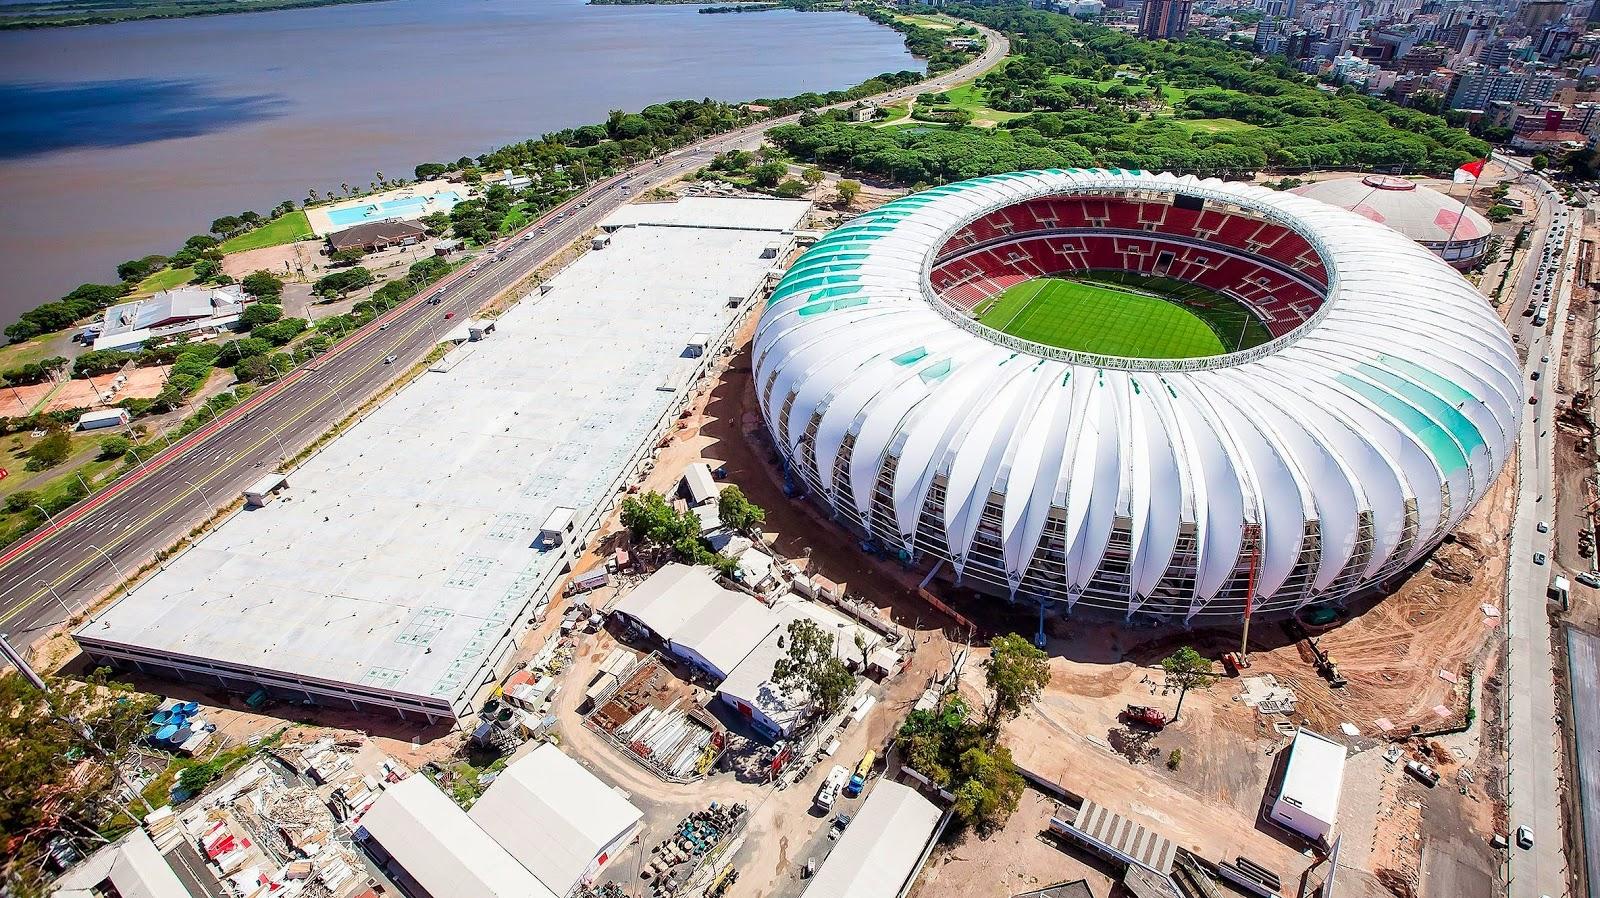 http://4.bp.blogspot.com/-Ou4sO-7zsVk/U6bvVXRaabI/AAAAAAAAZ3M/DWGuoxDncns/s1600/World-Cup-Stadium-Brazil-2014-2369-x-1329-9.jpg